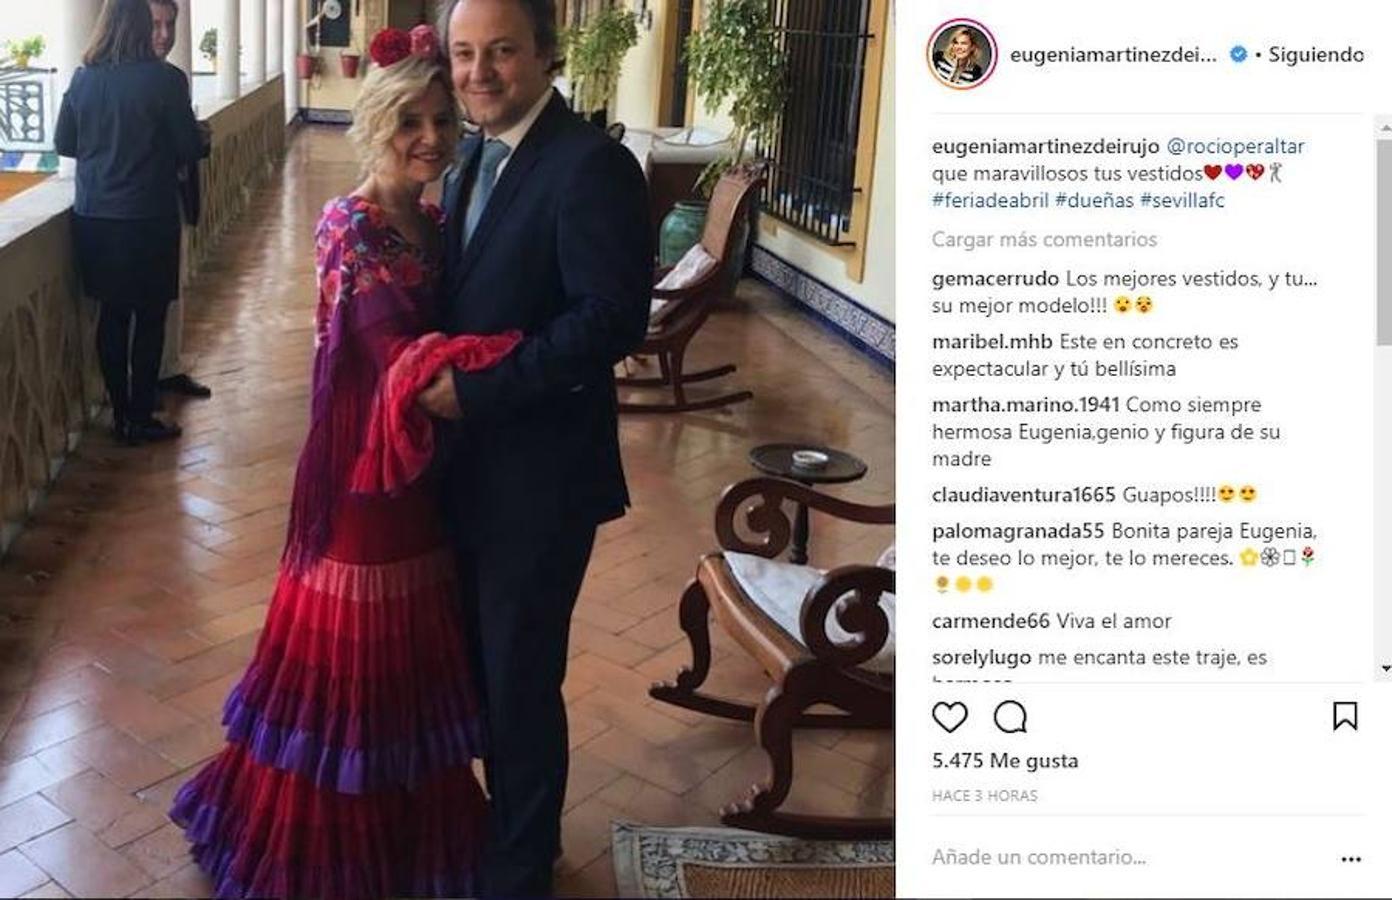 Eugenia Martínez de Irujo ha sido una de las famosas que se han acercado a Sevilla este fin de semana para vivir su fiesta más importante: la feria